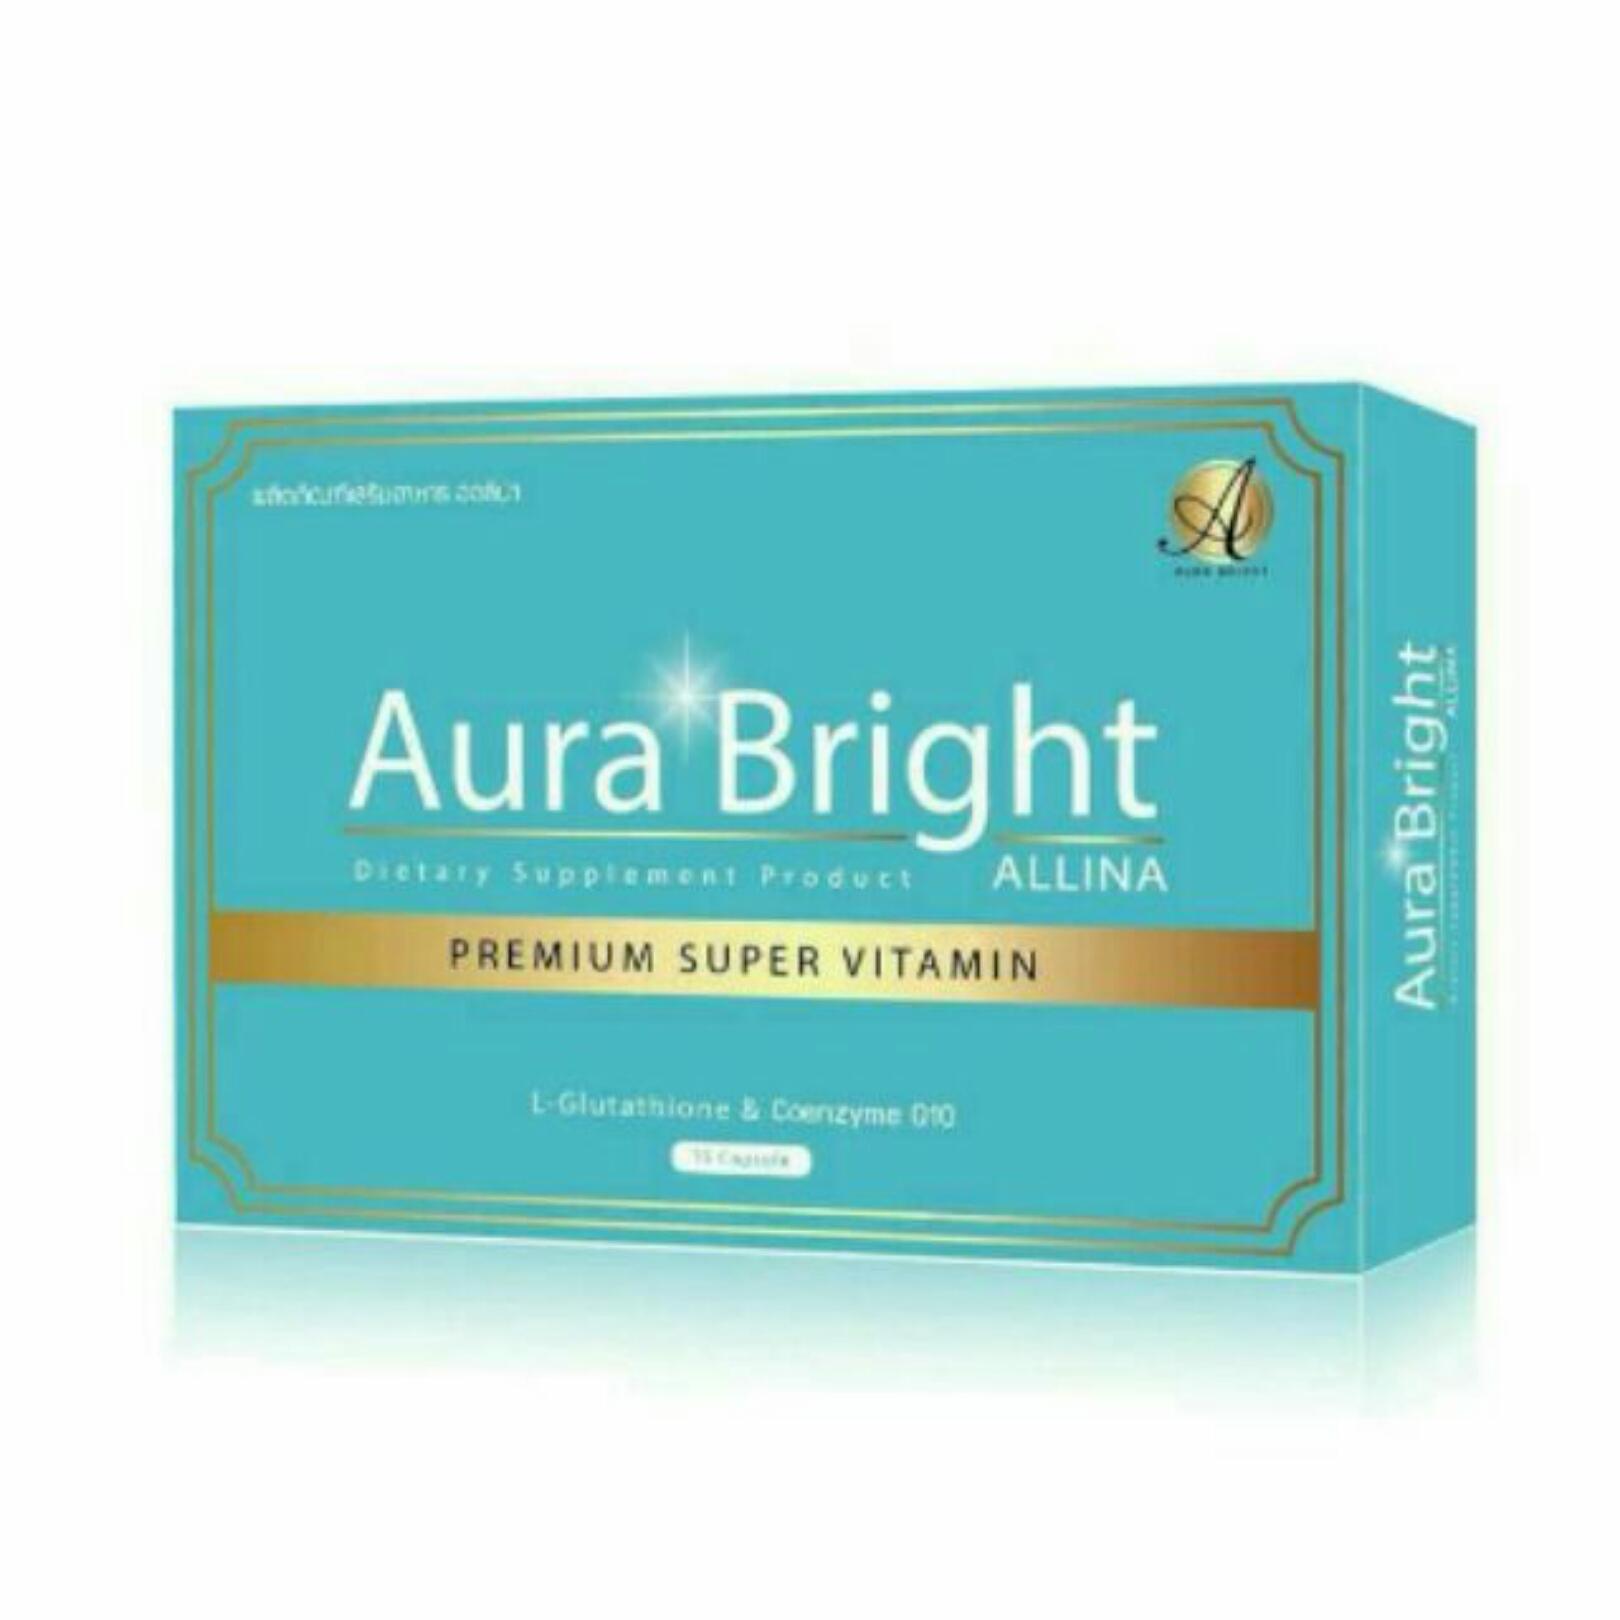 Aura Bright Allina Premium Vitamin (วิตามินเร่งผิวขาว)